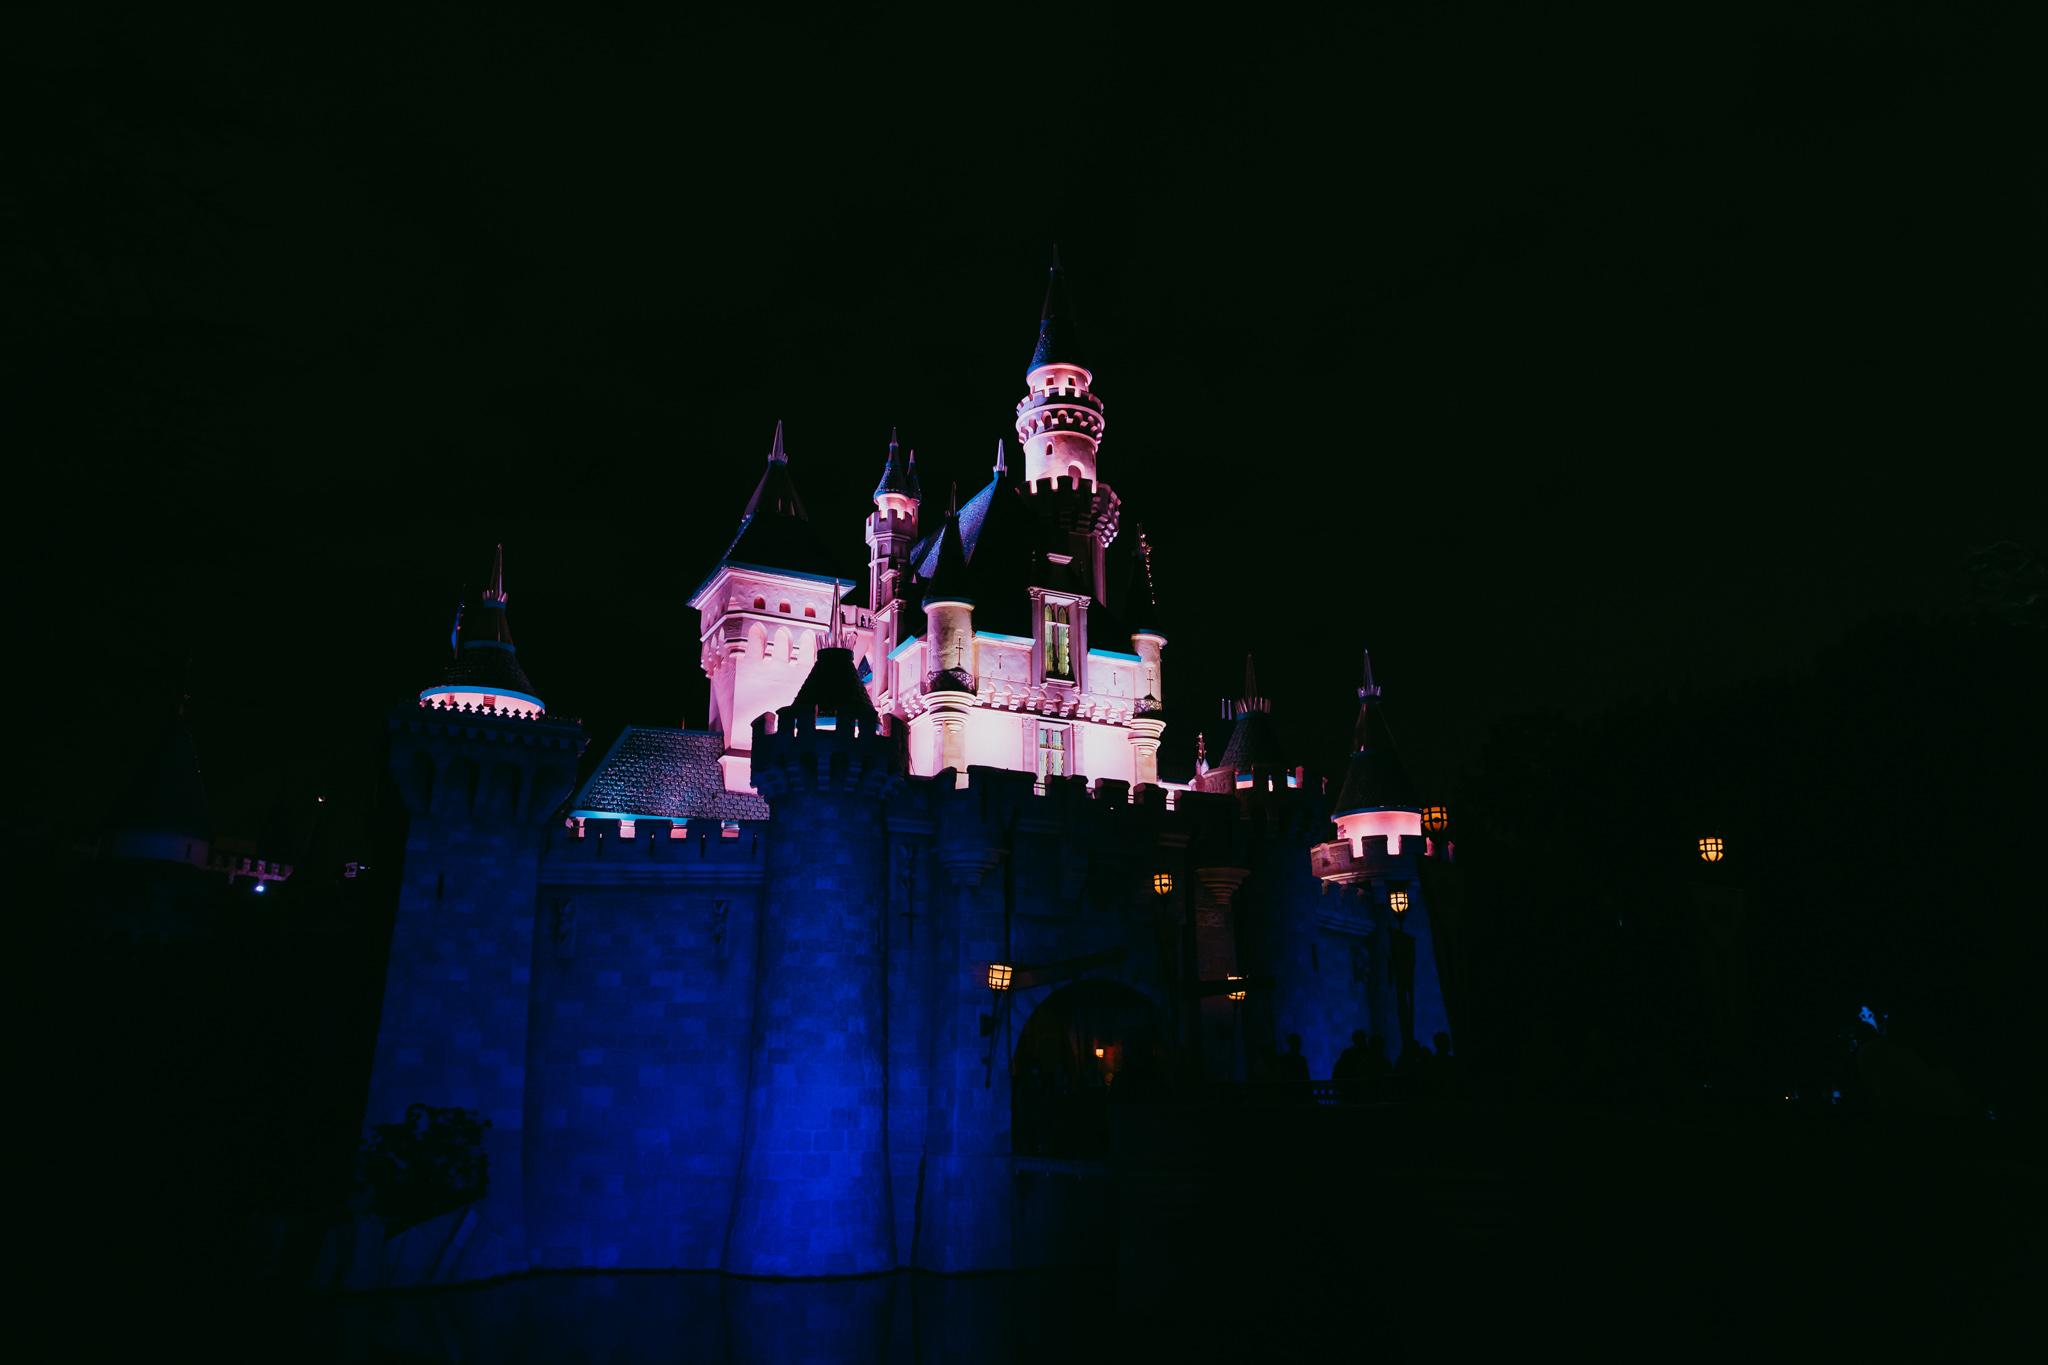 Fantasyland Castle | f2.8, 1/80, ISO 3200, 24mm